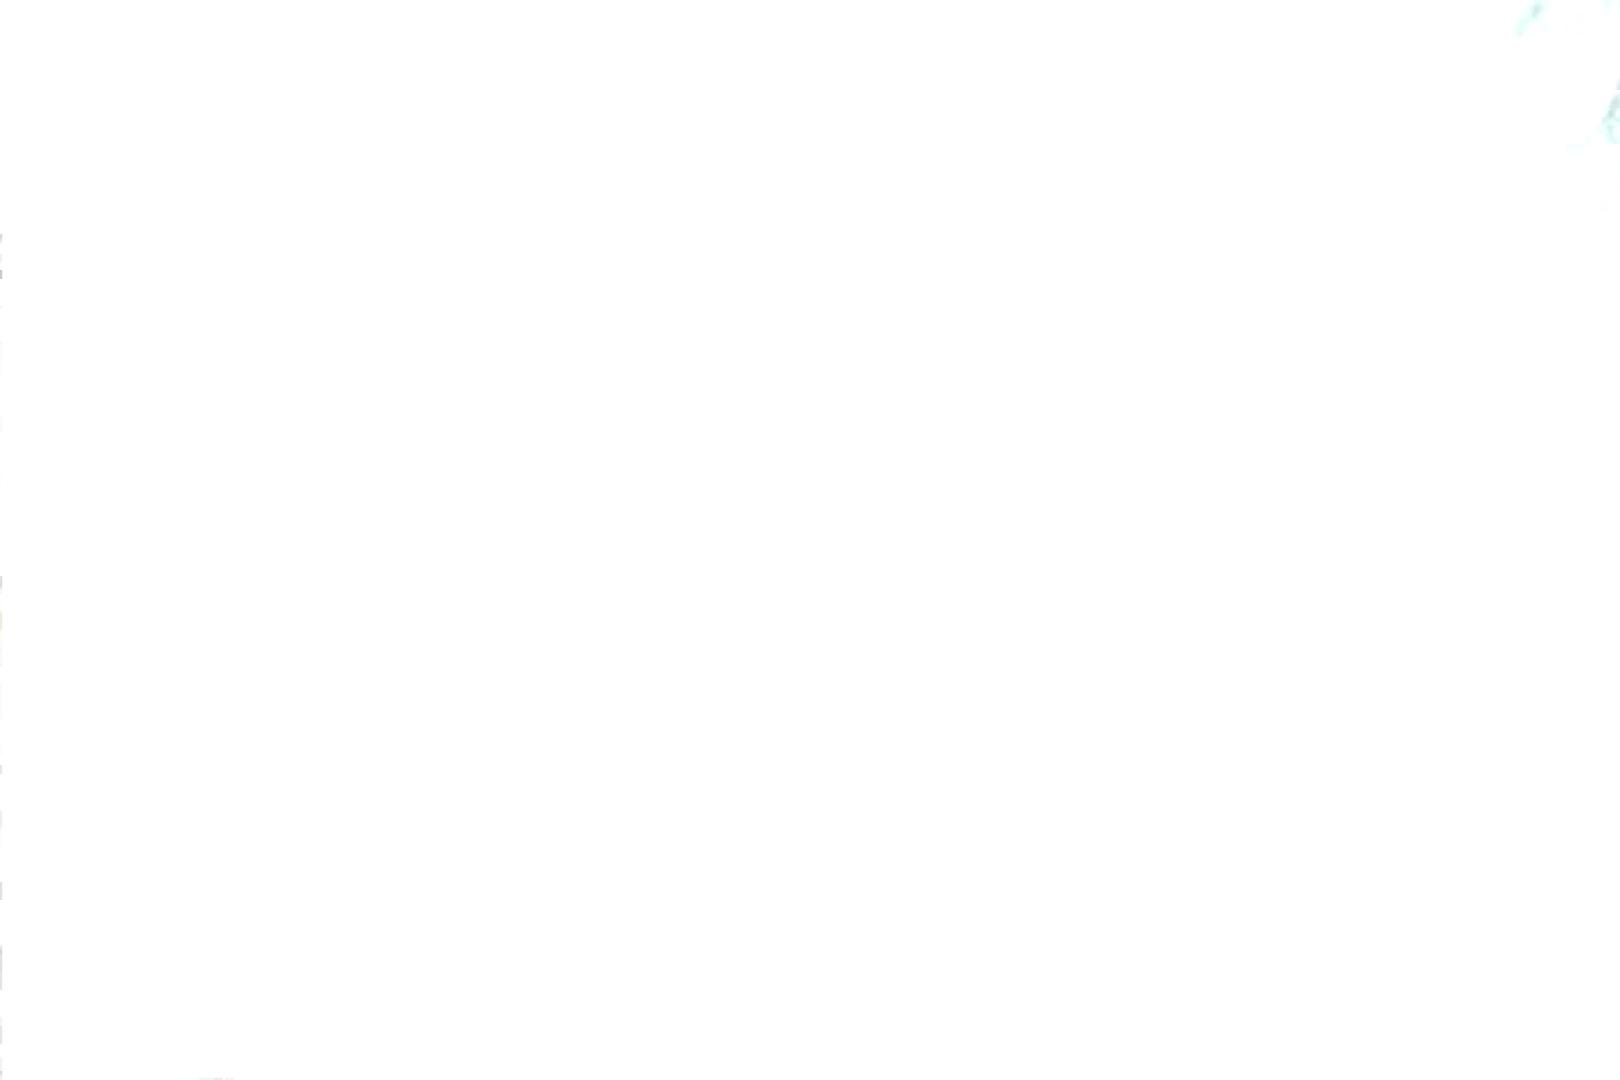 充血監督の深夜の運動会Vol.30 OLセックス 隠し撮りAV無料 51画像 20